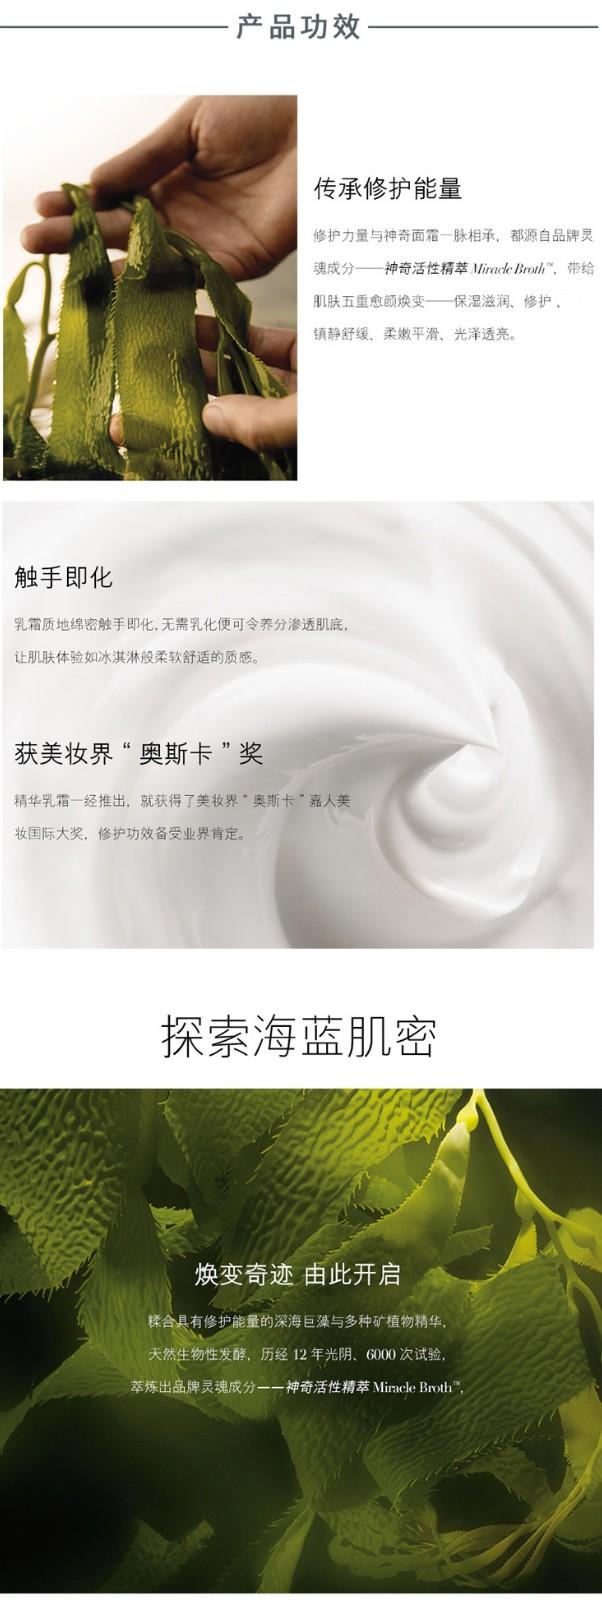 【海蓝之谜面霜】海蓝之谜(LA-MER)精华柔润乳霜-30ml-(冰淇淋乳霜-soft-cream无_06.jpg